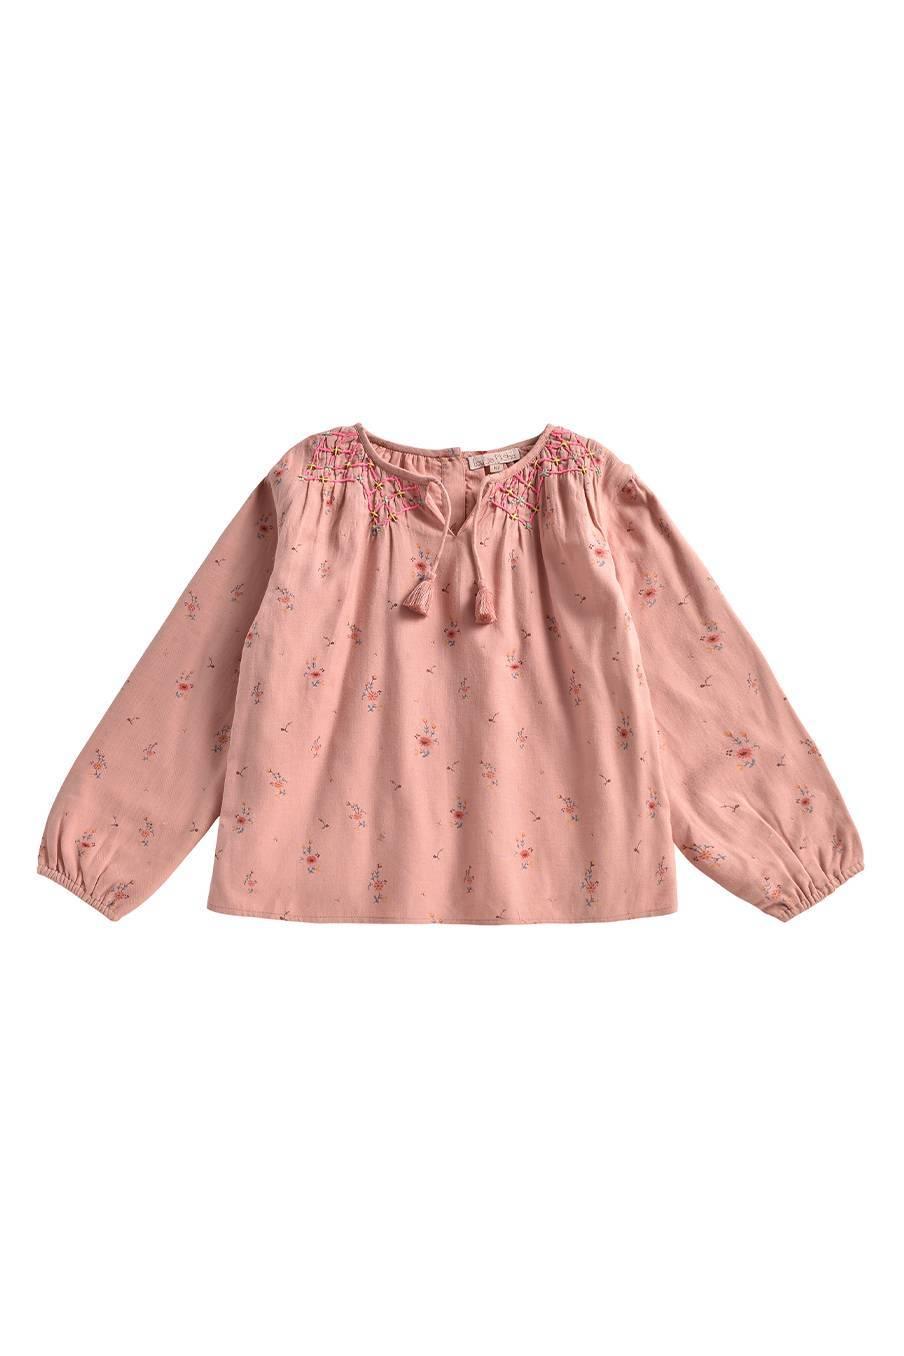 boheme chic vintage blouse bébé fille cada sienna meadows